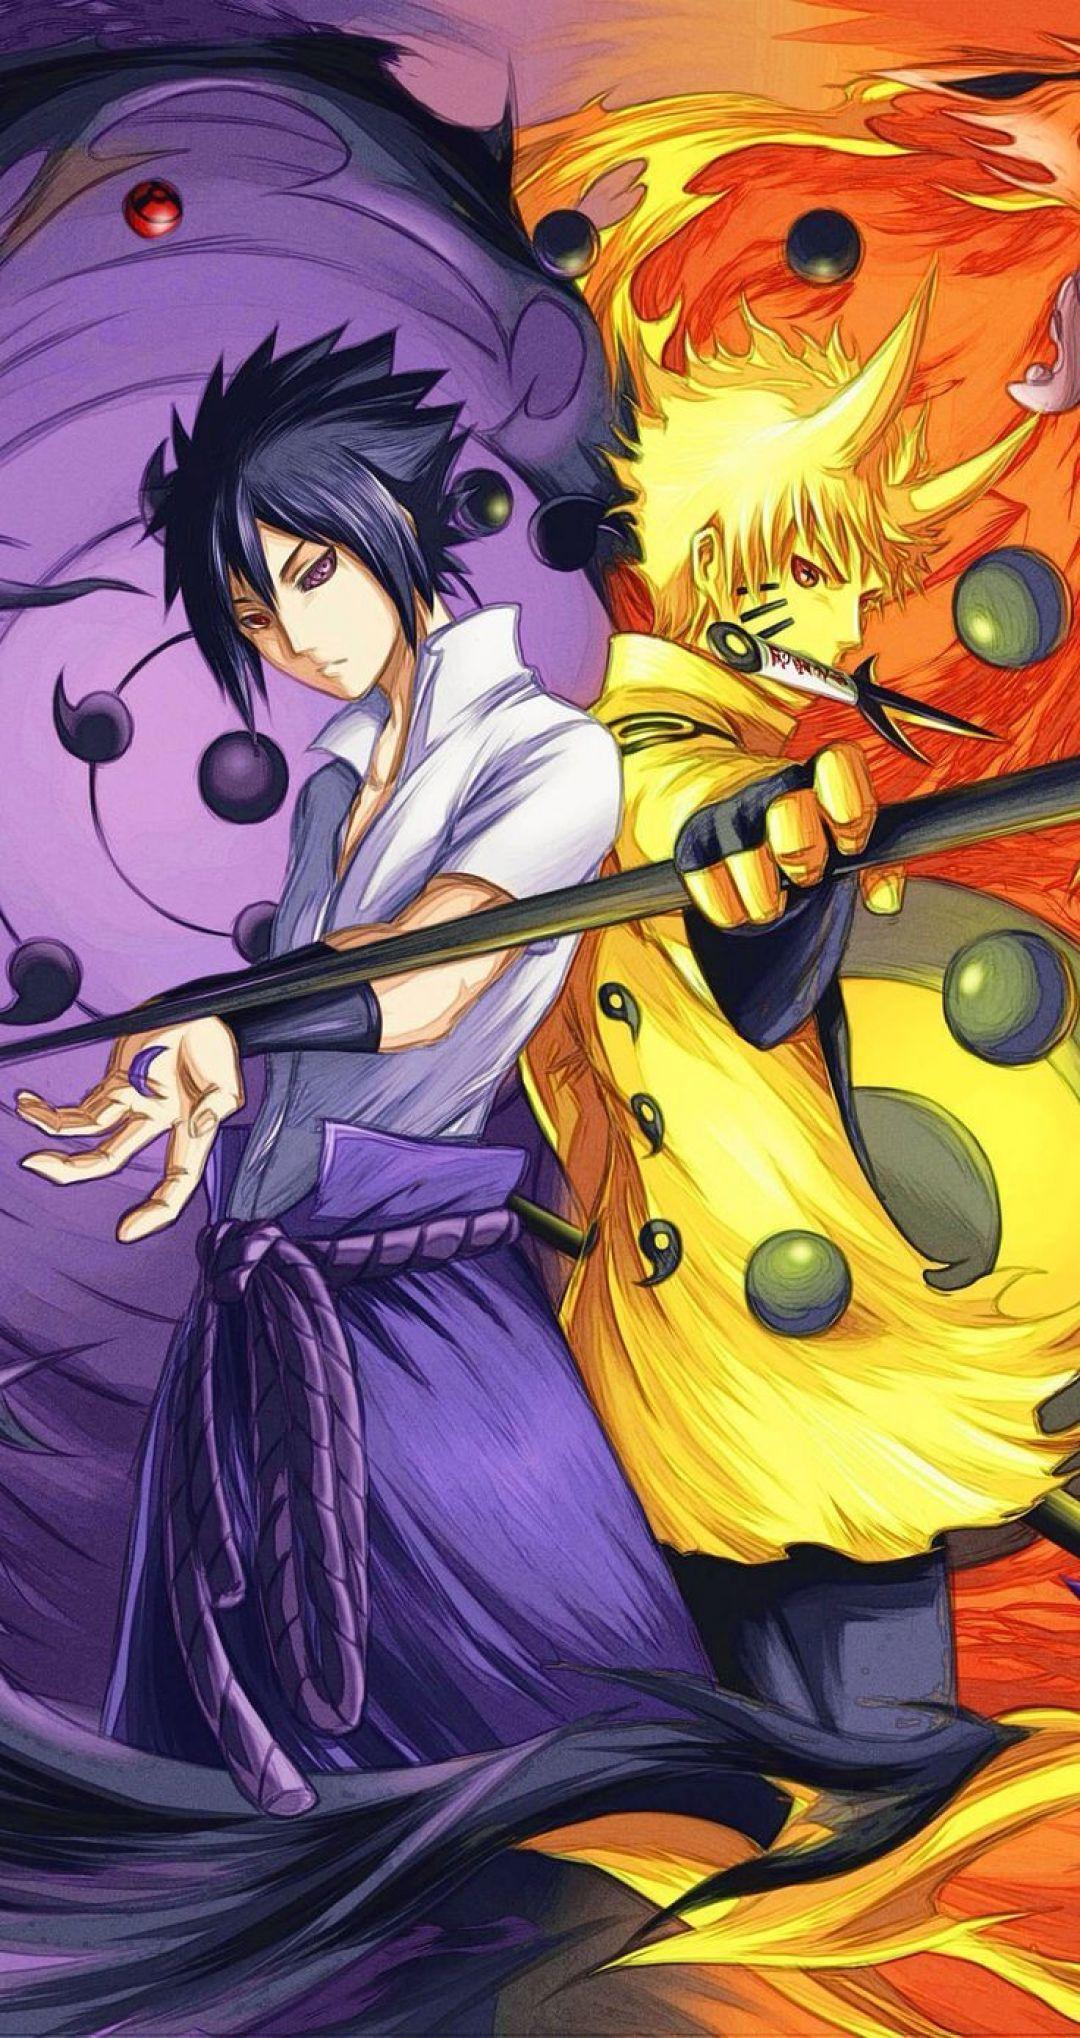 228 2284114 naruto shippuden iphone naruto and sasuke sage mode